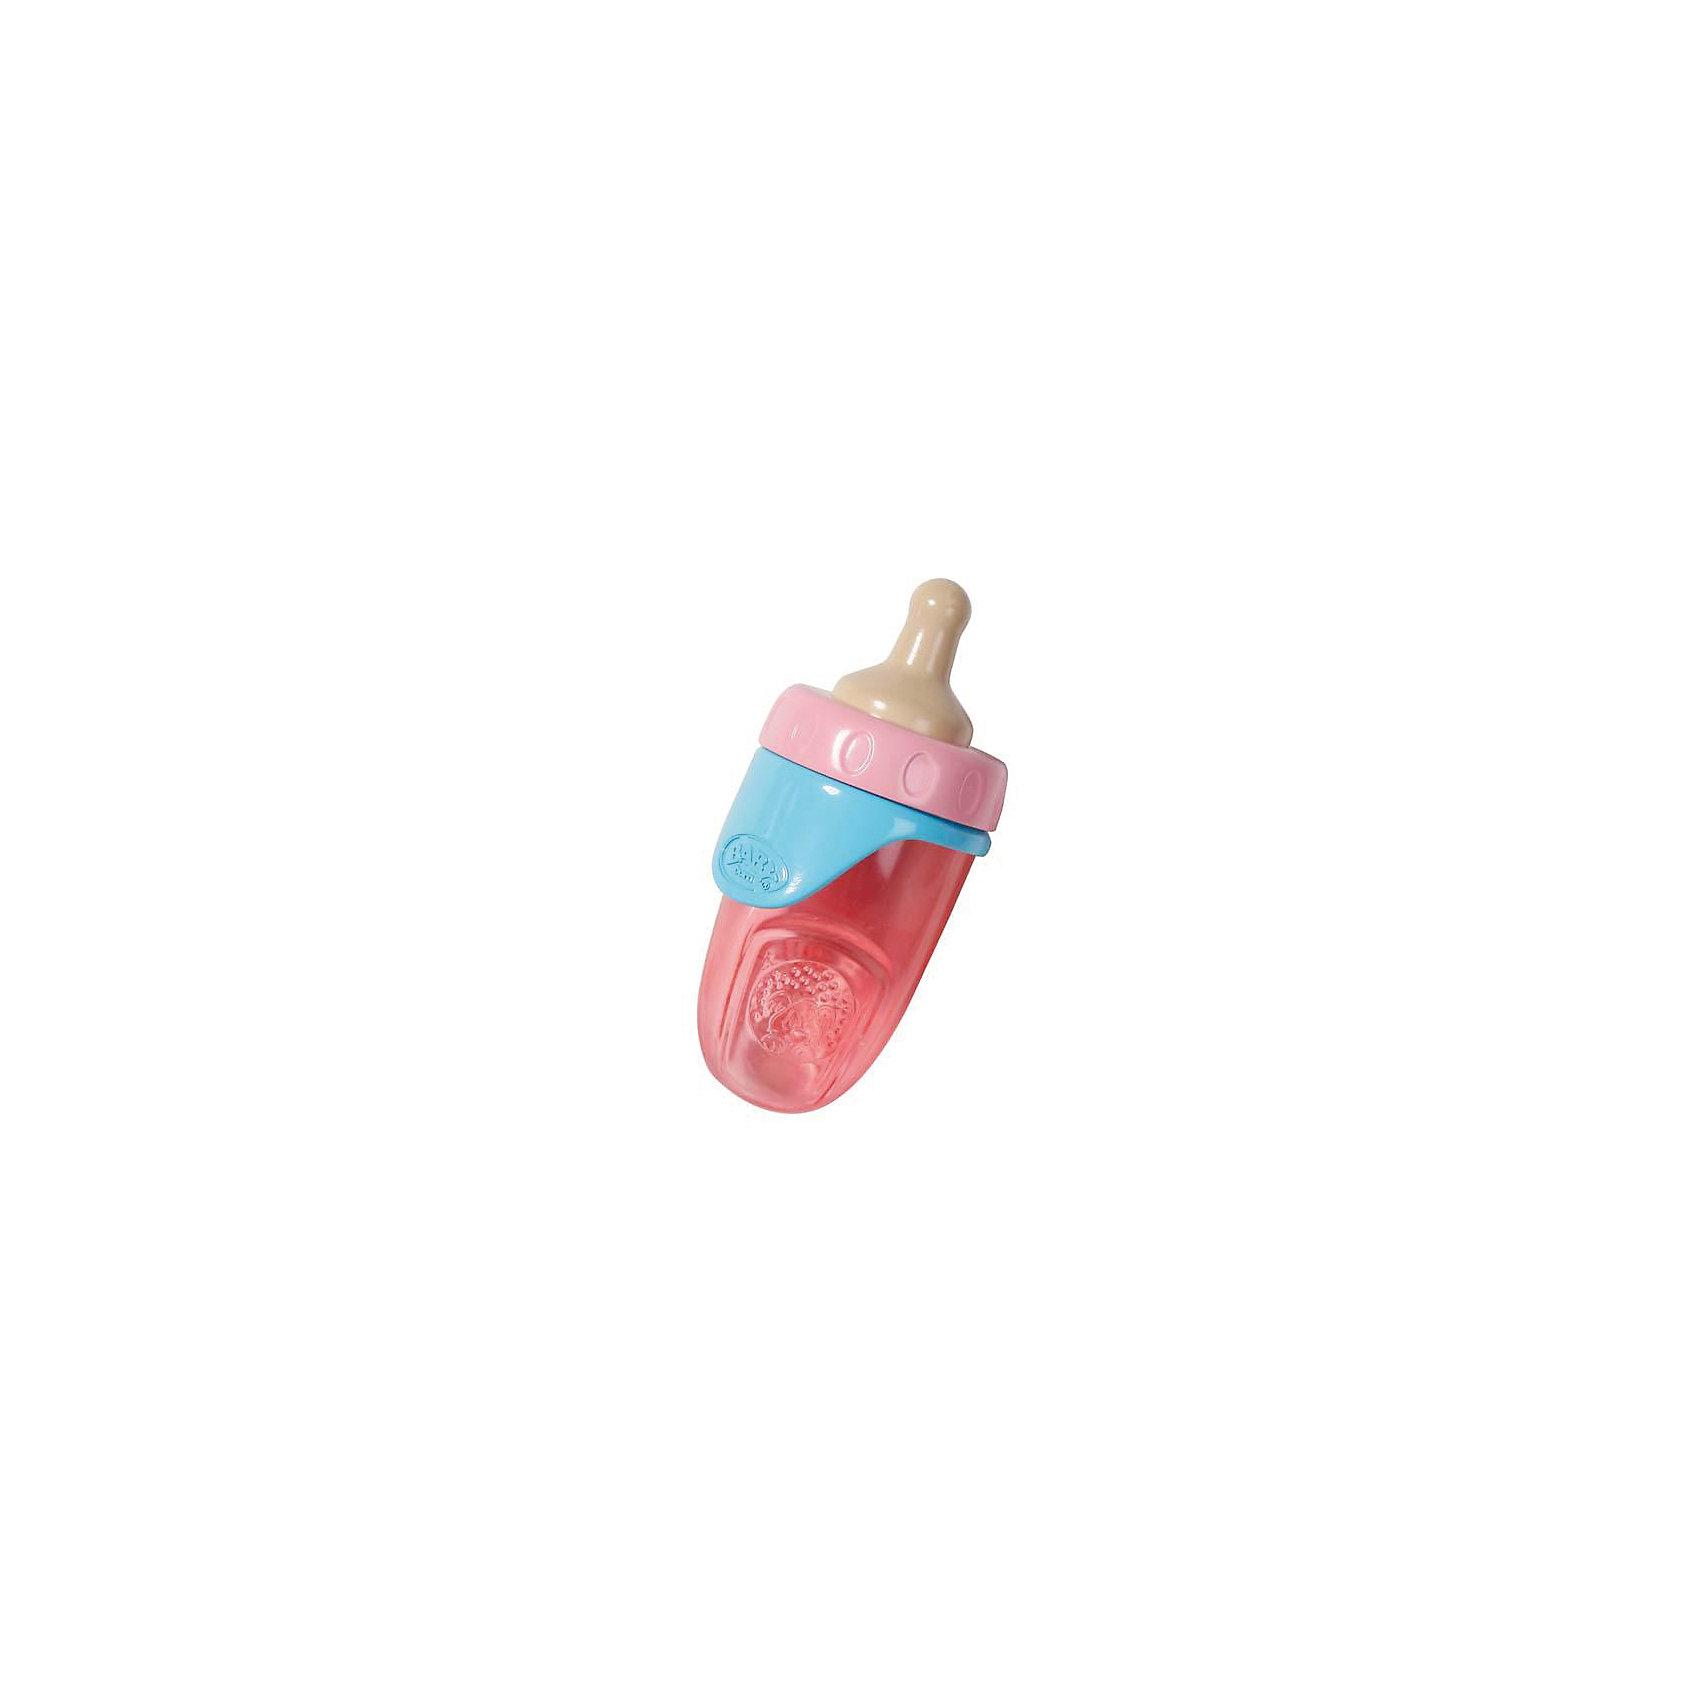 Бутылочка, BABY born, бирюзово-краснаяКукольная одежда и аксессуары<br>Характеристики товара:<br><br>• возраст от 3 лет;<br>• материал: пластик;<br>• в комплекте: бутылочка; <br>• размер упаковки 18,4х12,2х4,6 см;<br>• вес упаковки 86 гр.;<br>• страна производитель: Китай.<br><br>Бутылочка Baby Born бирюзово-красная — необходимый аксессуар по уходу за любимой куколкой Baby Born. С не двеочка сможет вовремя покормить малышку и успокоить. Бутылочка оснащена удобной крышкой и выполнена из безопасного пищевого пластика. <br><br>Бутылочку Baby Born бирюзово-красную можно приобрести в нашем интернет-магазине.<br><br>Ширина мм: 222<br>Глубина мм: 129<br>Высота мм: 53<br>Вес г: 63<br>Возраст от месяцев: 36<br>Возраст до месяцев: 60<br>Пол: Женский<br>Возраст: Детский<br>SKU: 6739767